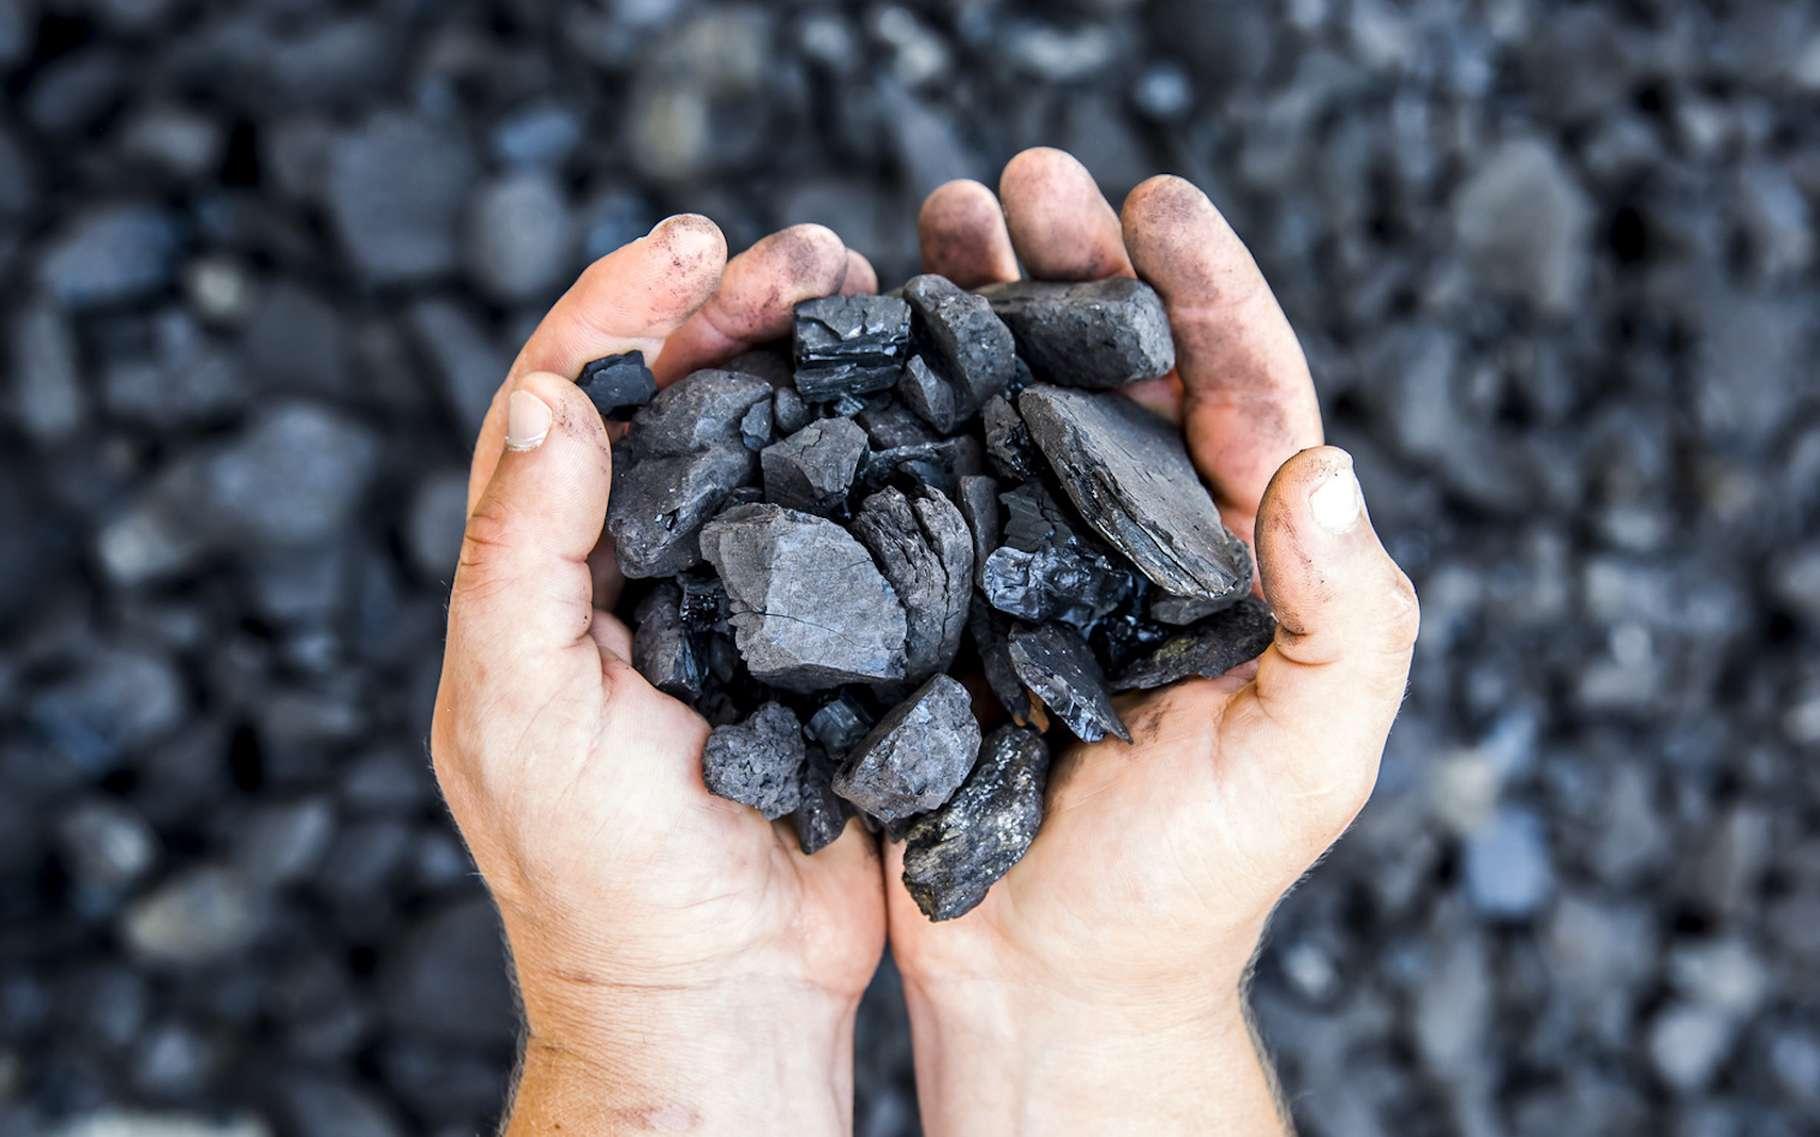 Le charbon est qualifié d'énergie fossile, car issu de la décomposition de matières organiques. © fotosr52, Fotolia